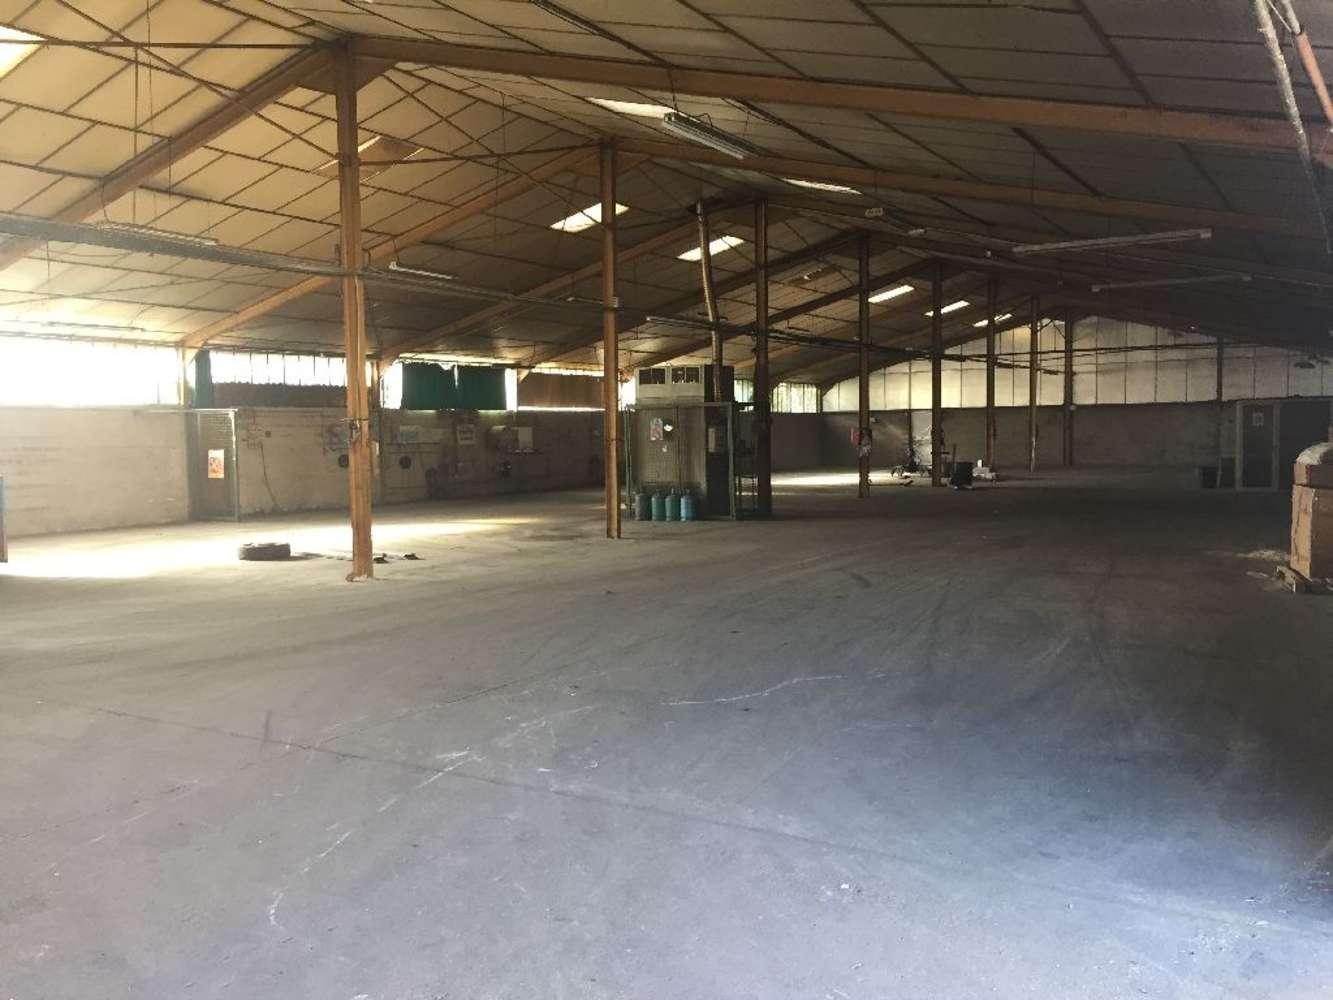 Activités/entrepôt Jassans riottier, 01480 - Vente entrepot Lyon Nord / Ain (01) - 10067106